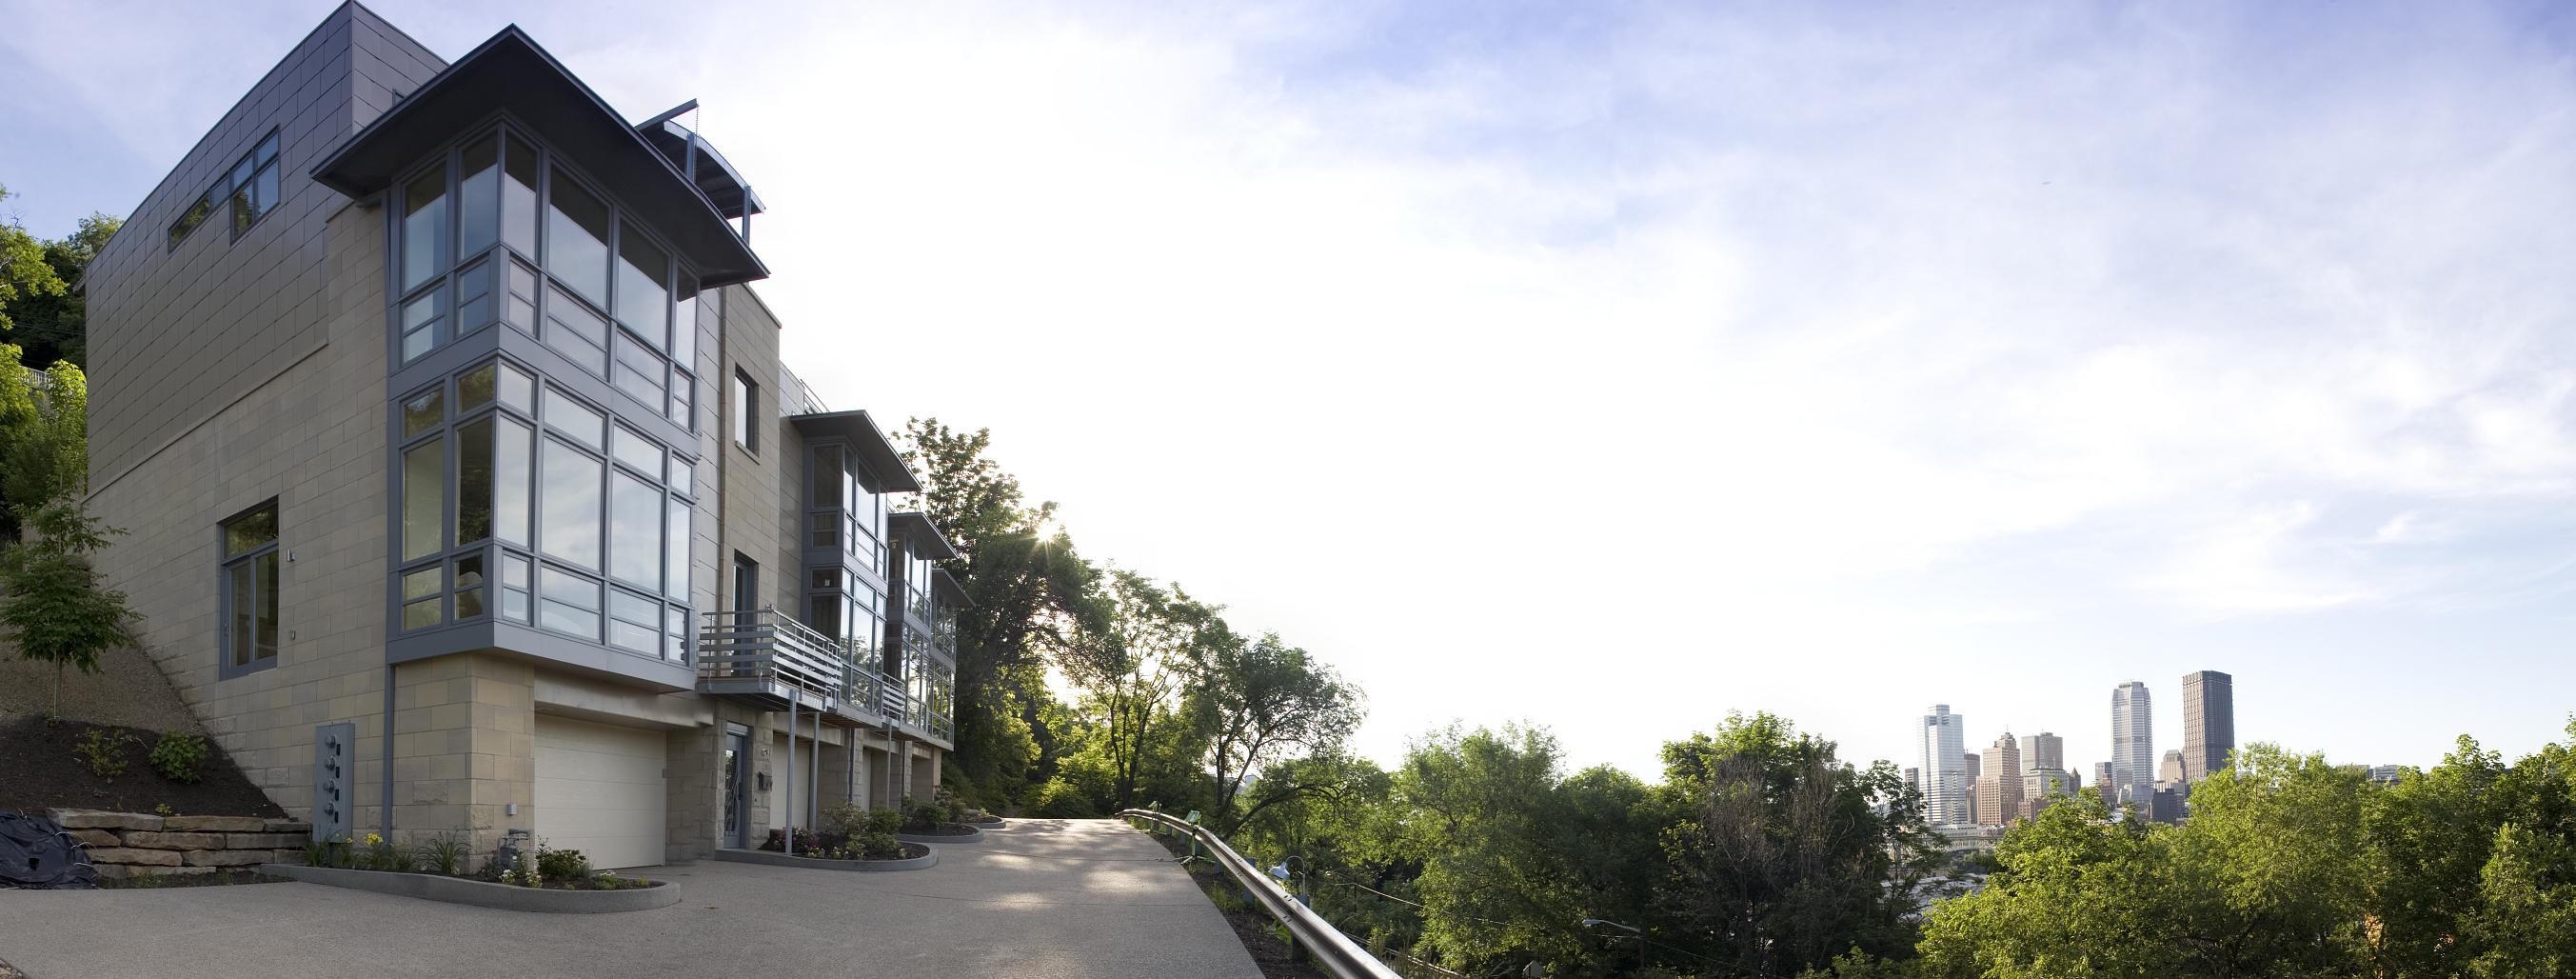 Vista Views